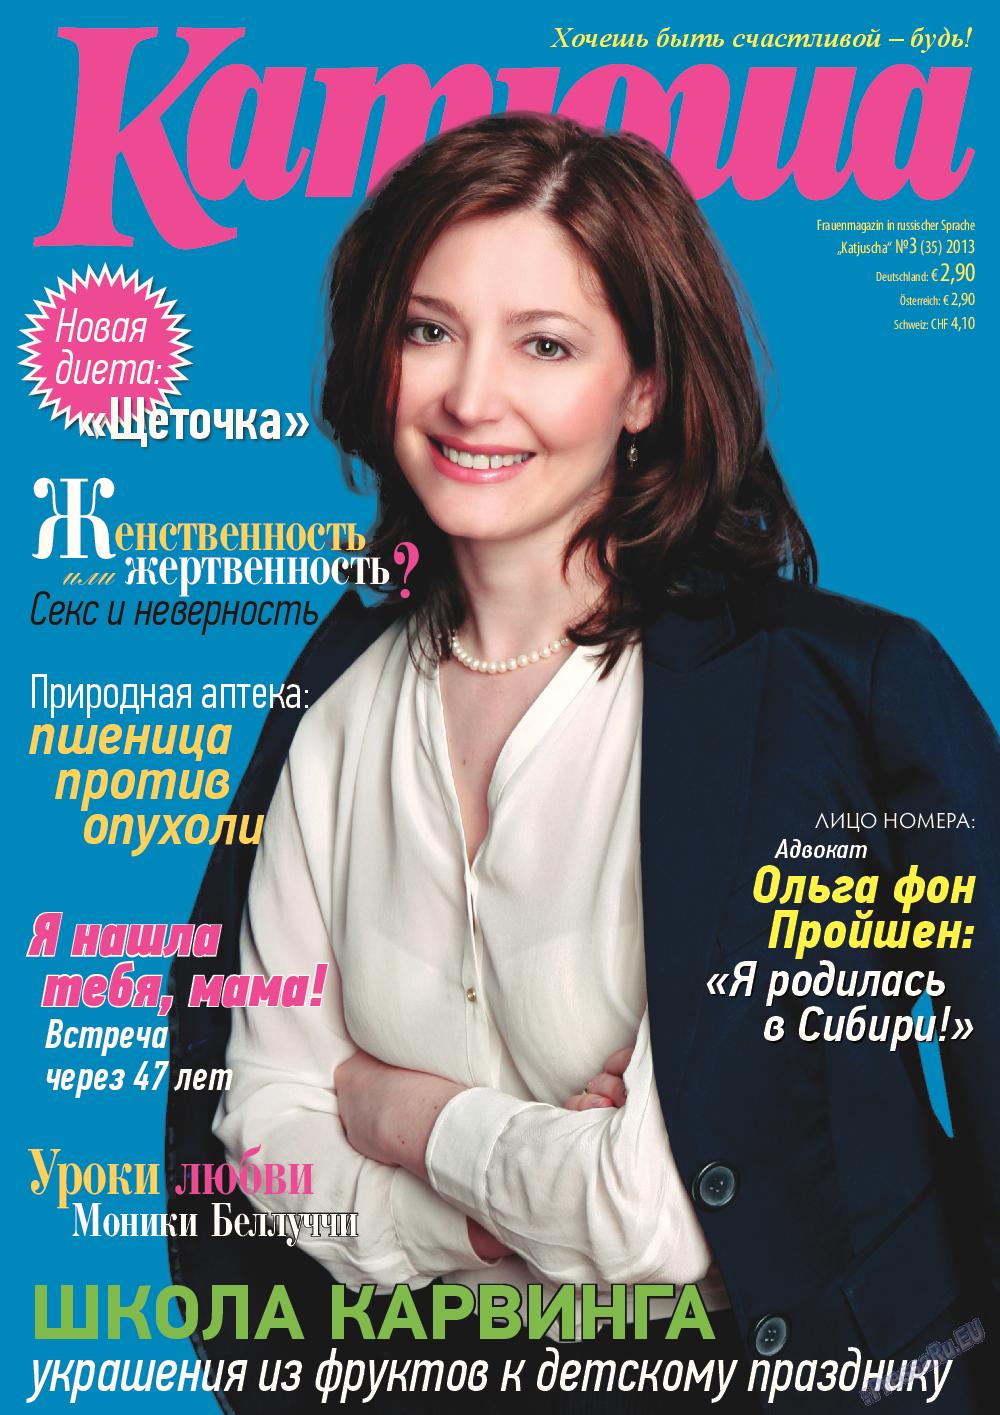 Катюша (журнал). 2013 год, номер 35, стр. 1